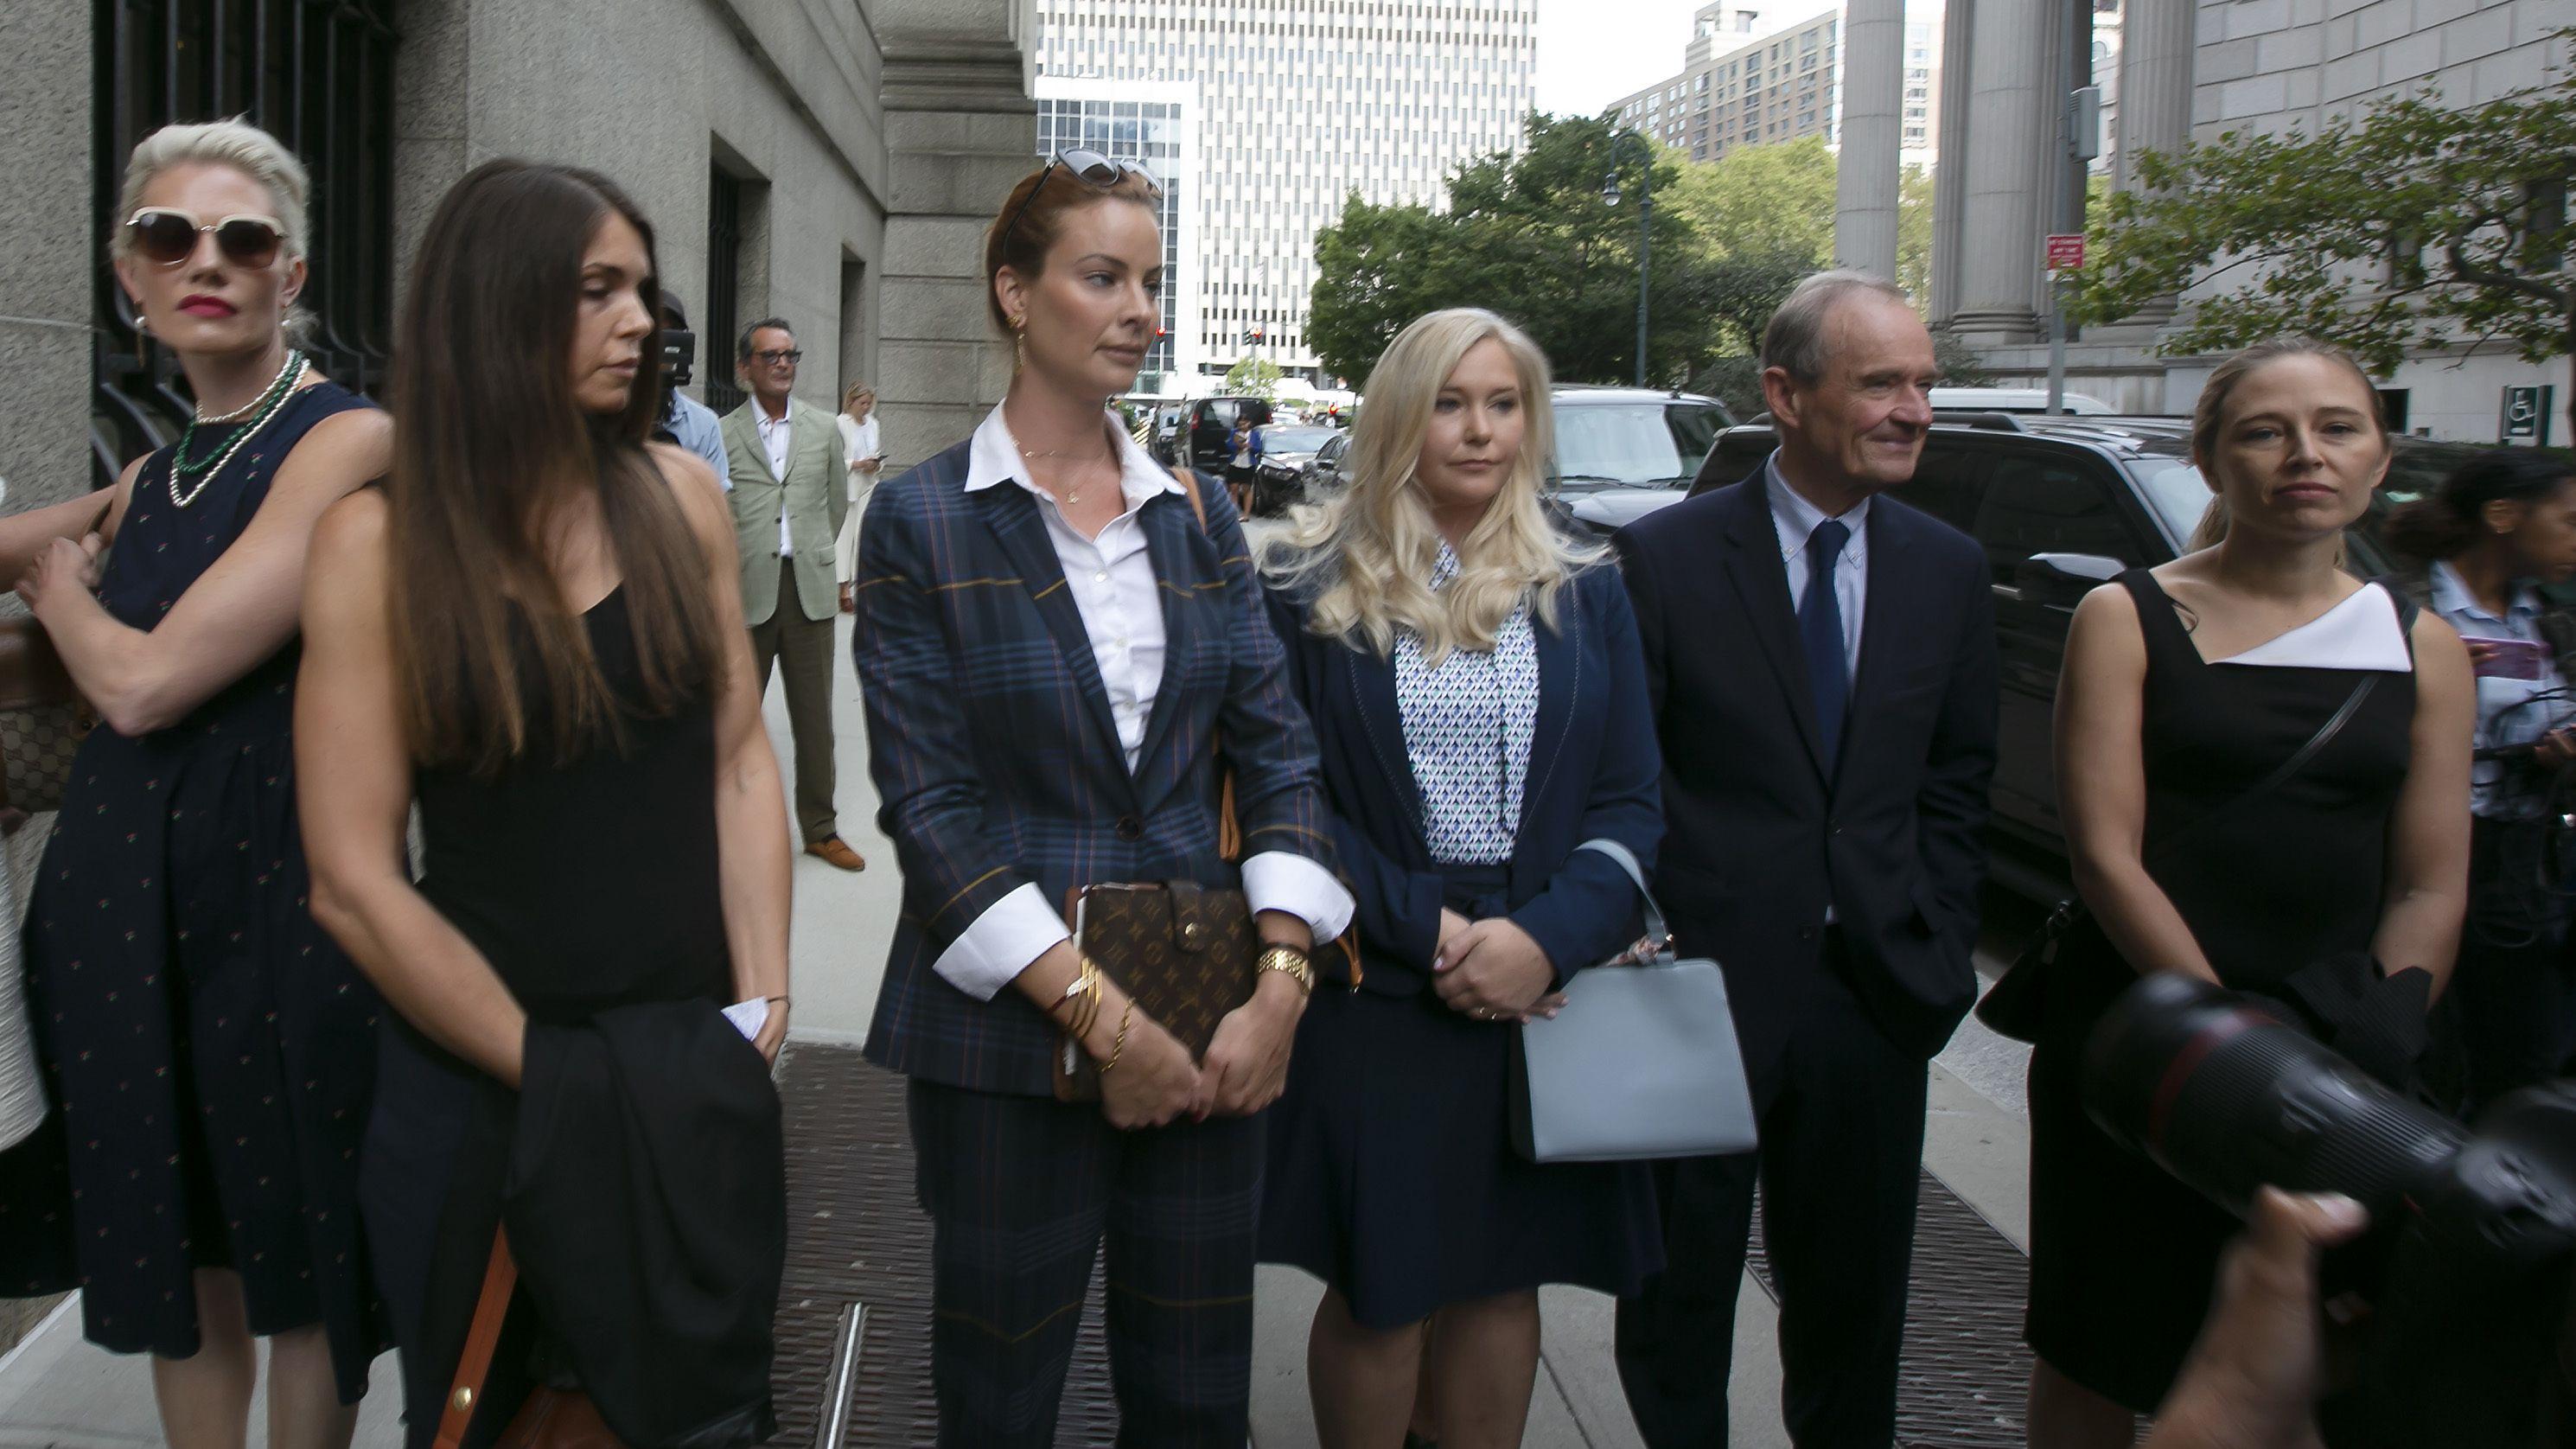 Mutmaßliche Epstein-Opfer mit ihrem Anwalt